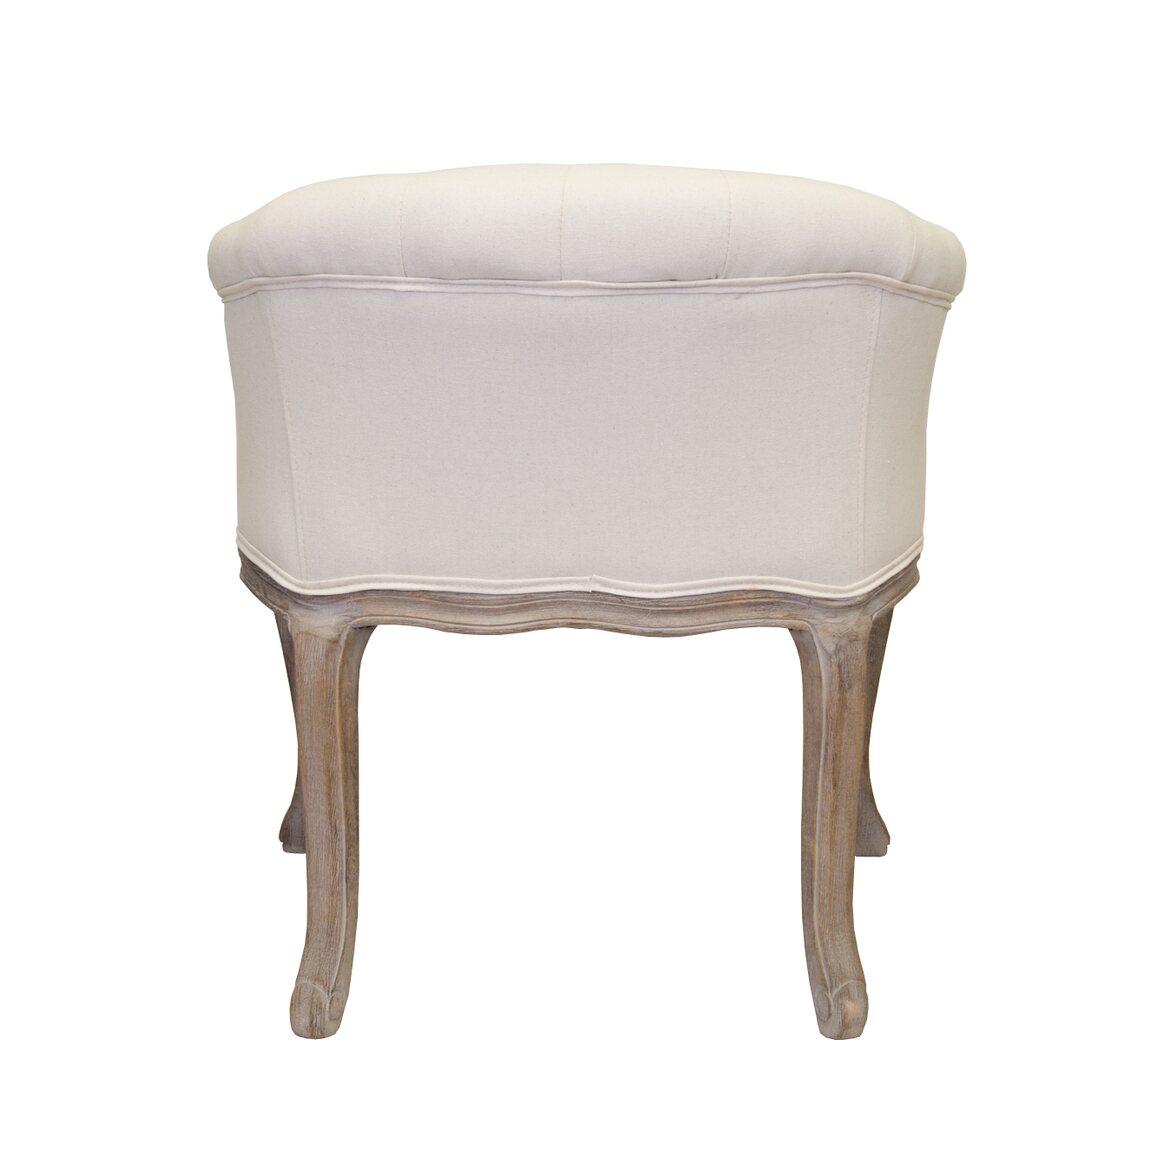 Низкое кресло Kandy beige 3   Маленькие кресла Kingsby